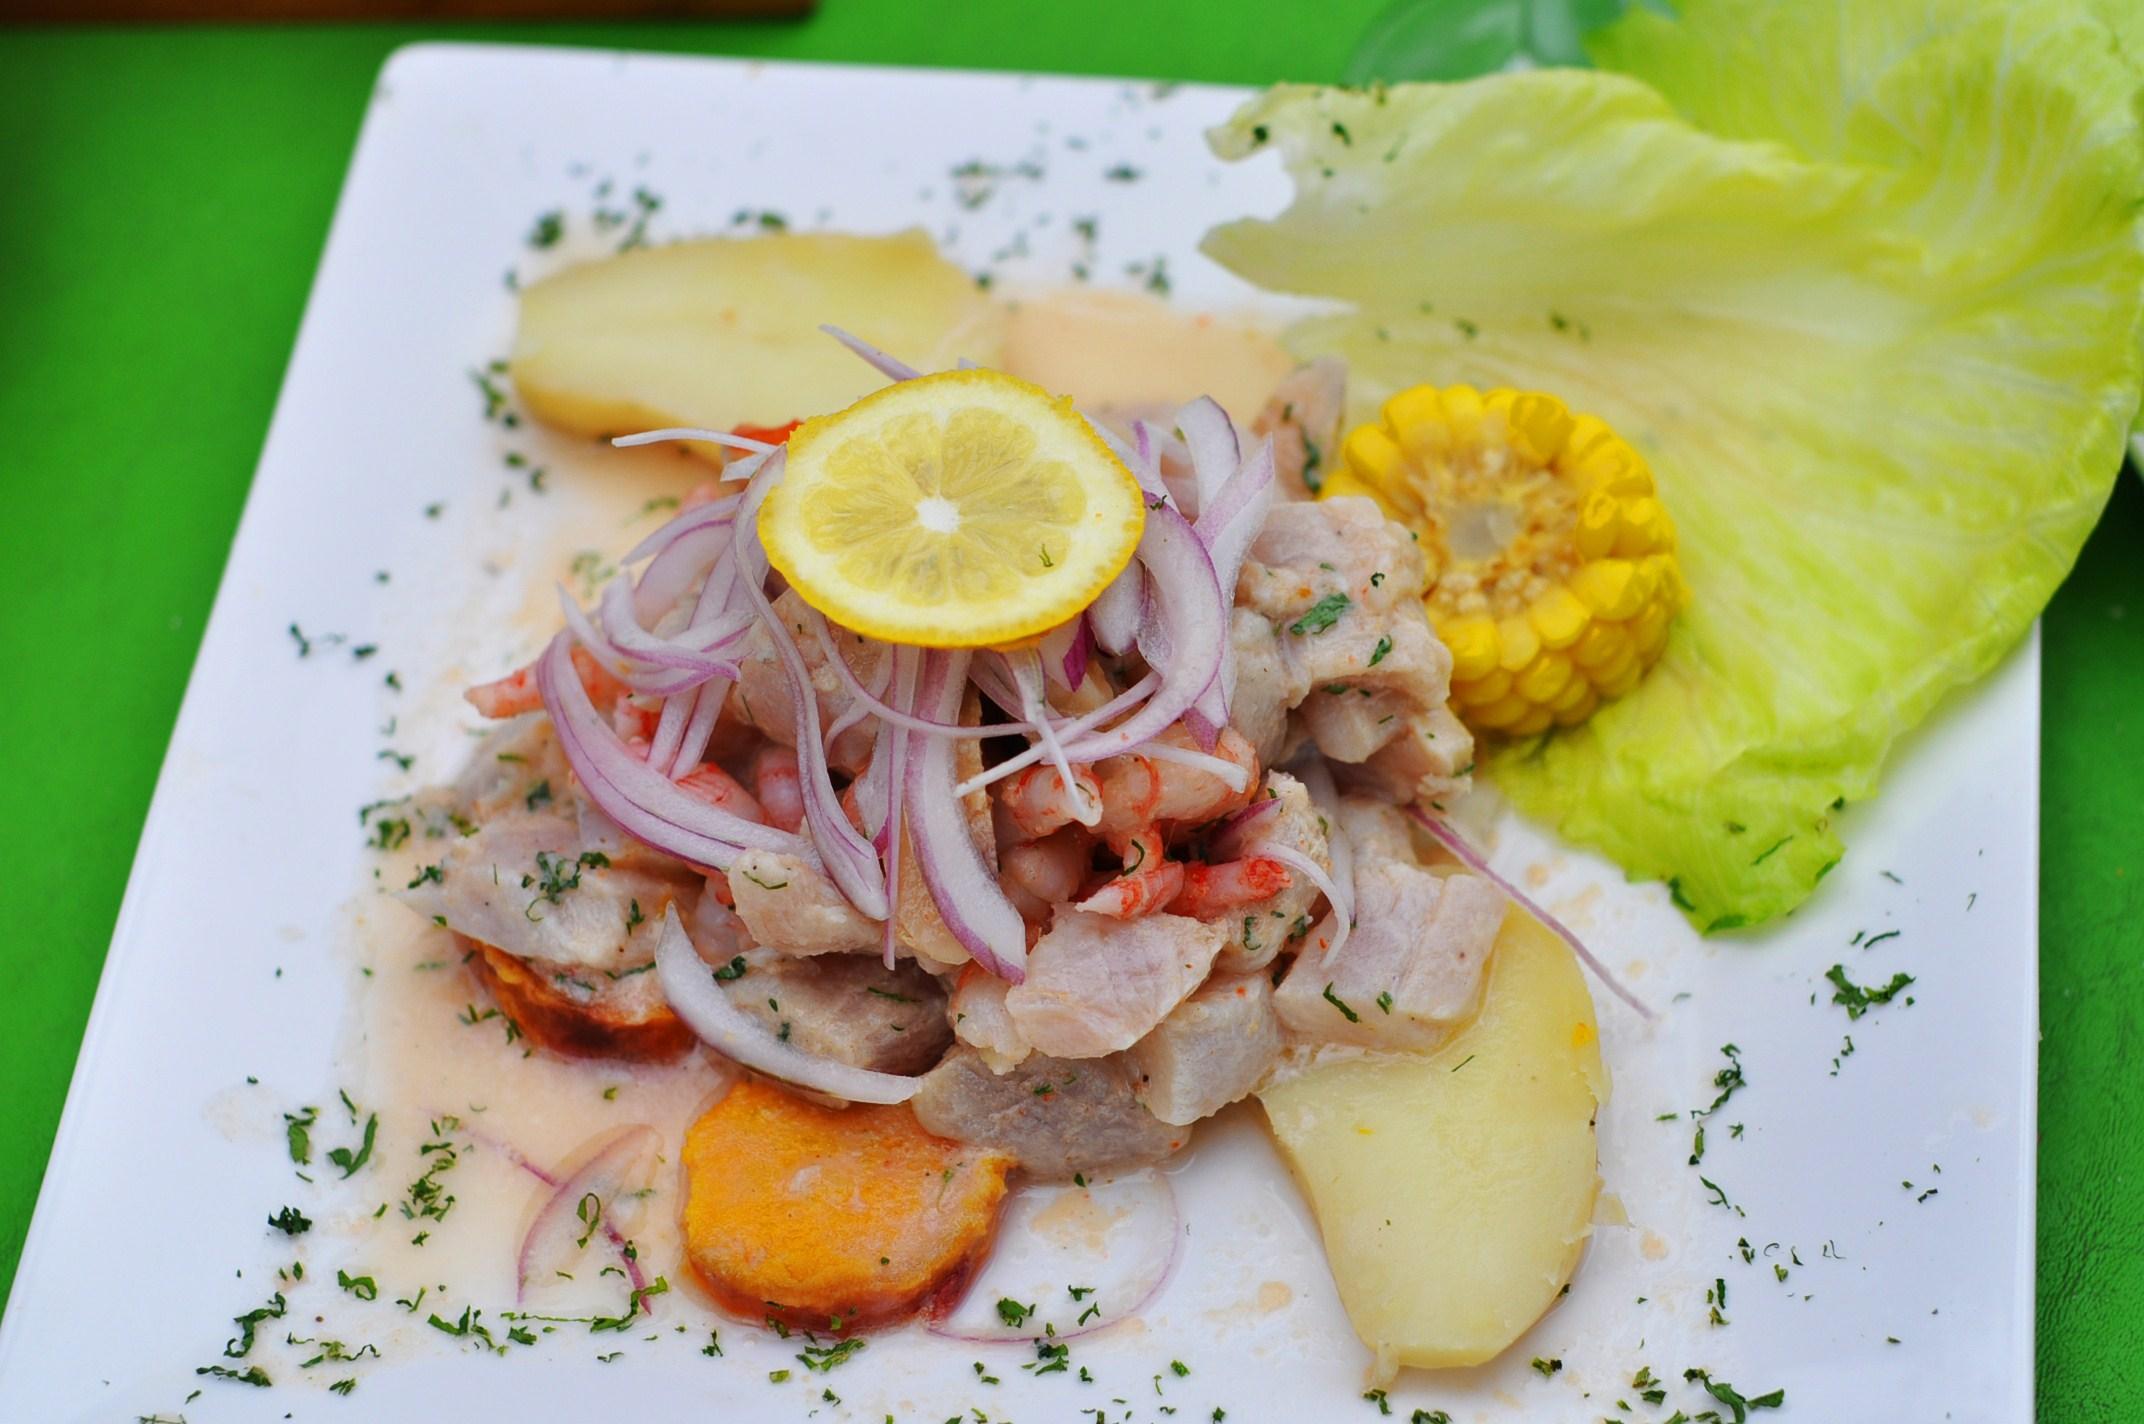 Le ceviche, meilleure spécialité péruvienne ! (photo Flickr / cc by James)